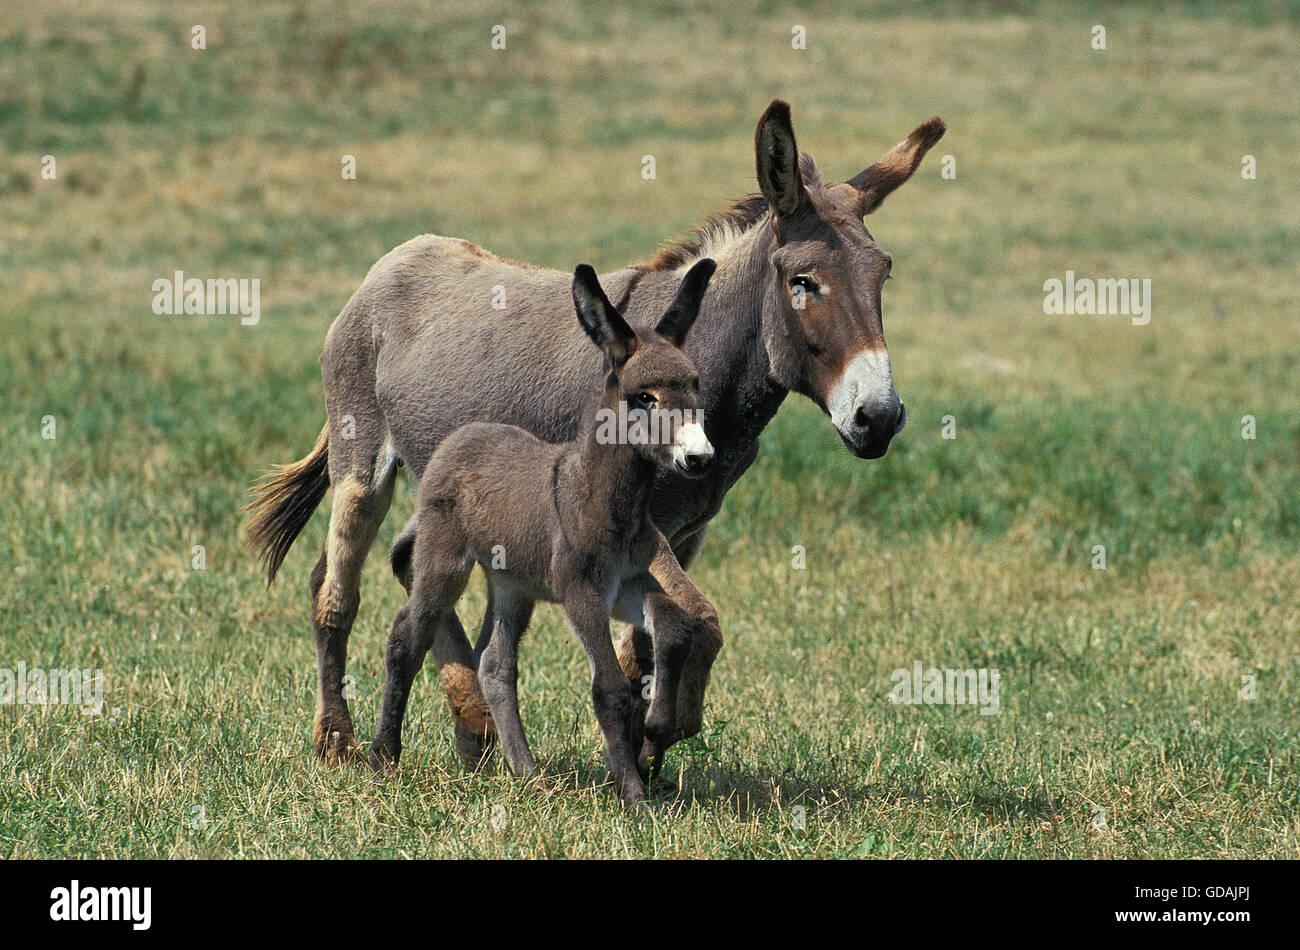 Burro gris, un francés de raza, MARE CON EL POTRO al trote a través de la pradera Imagen De Stock